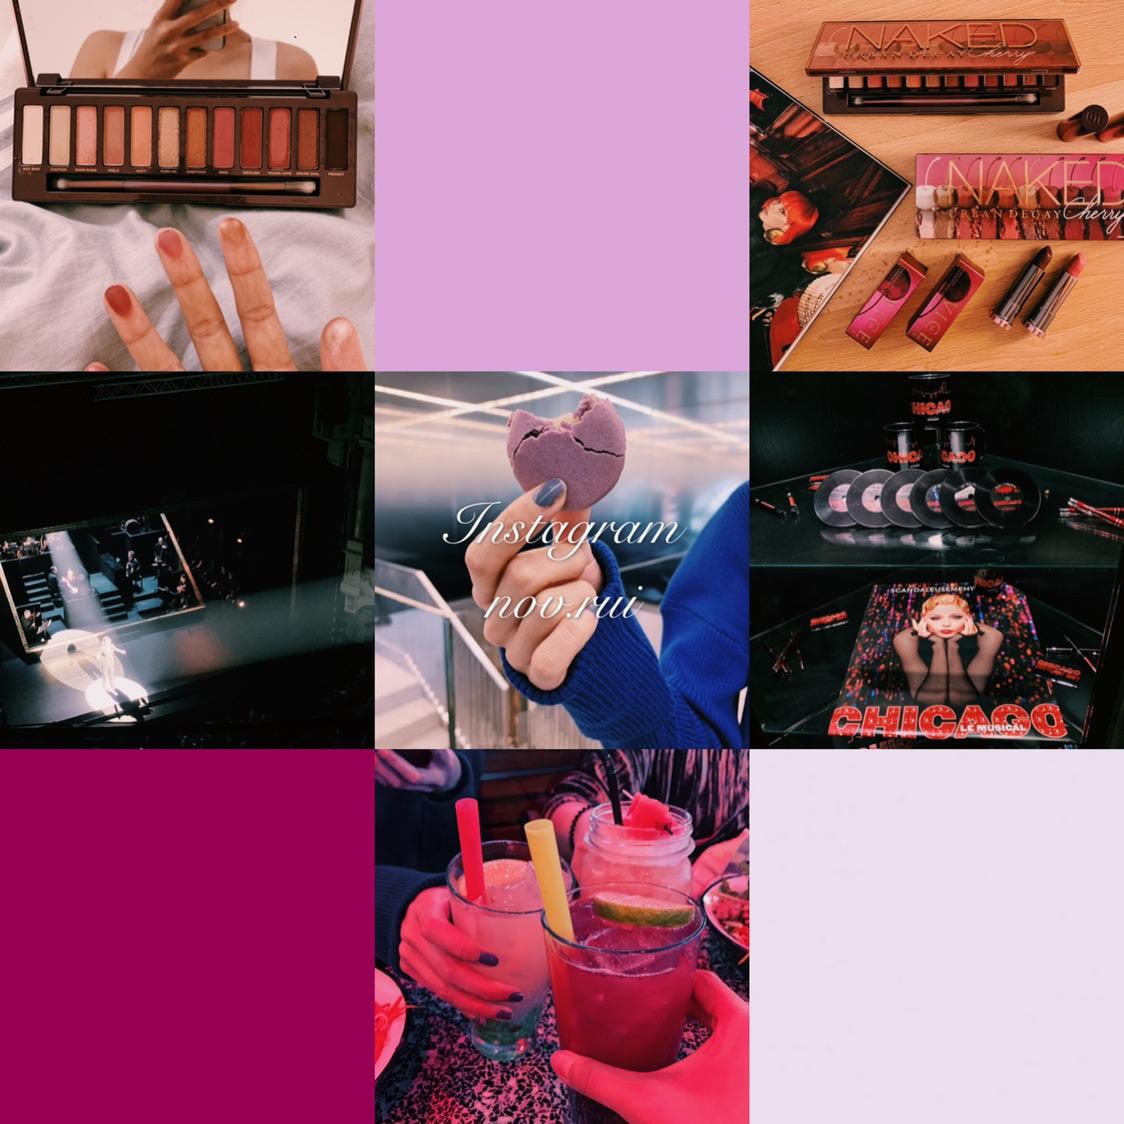 Cherry系列的颜色是巴黎的颜色